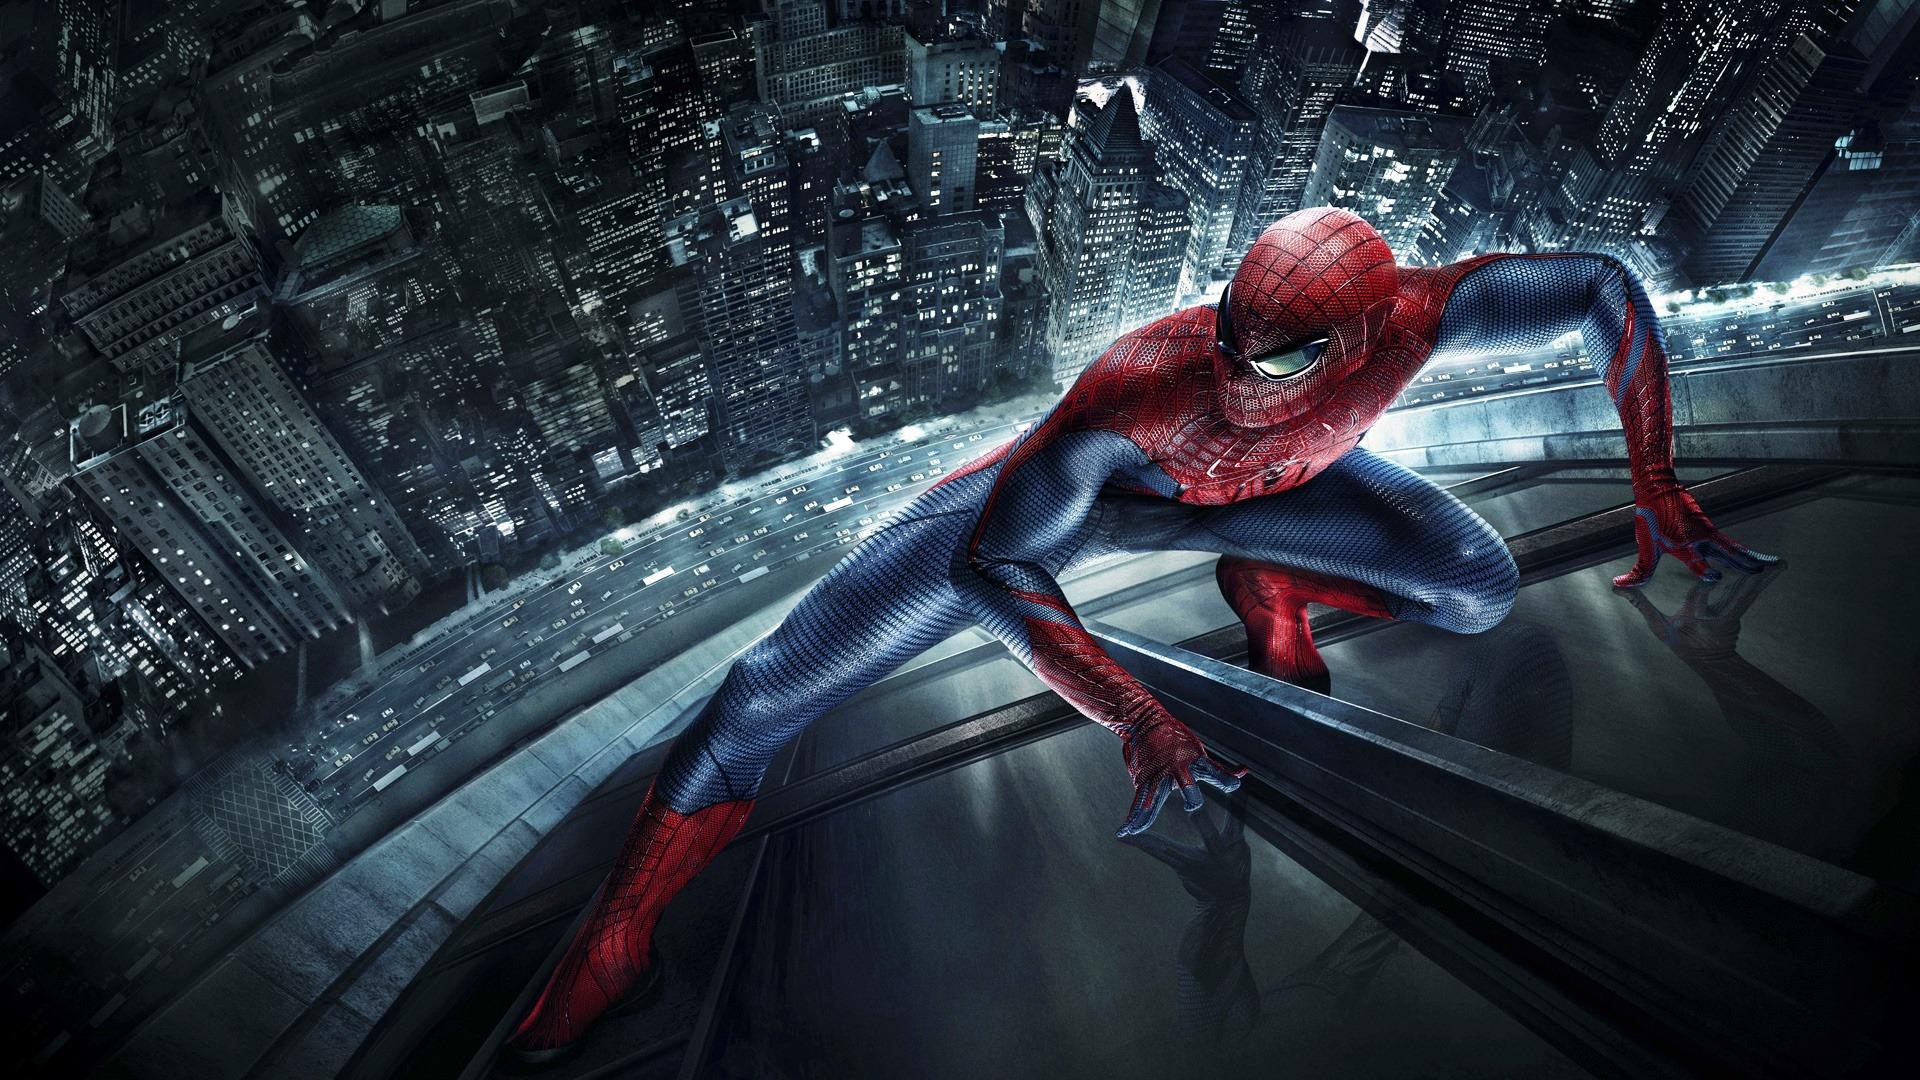 فيلم السهرة.. الرجل العنكبوت يعود في The Amazing Spider-Man